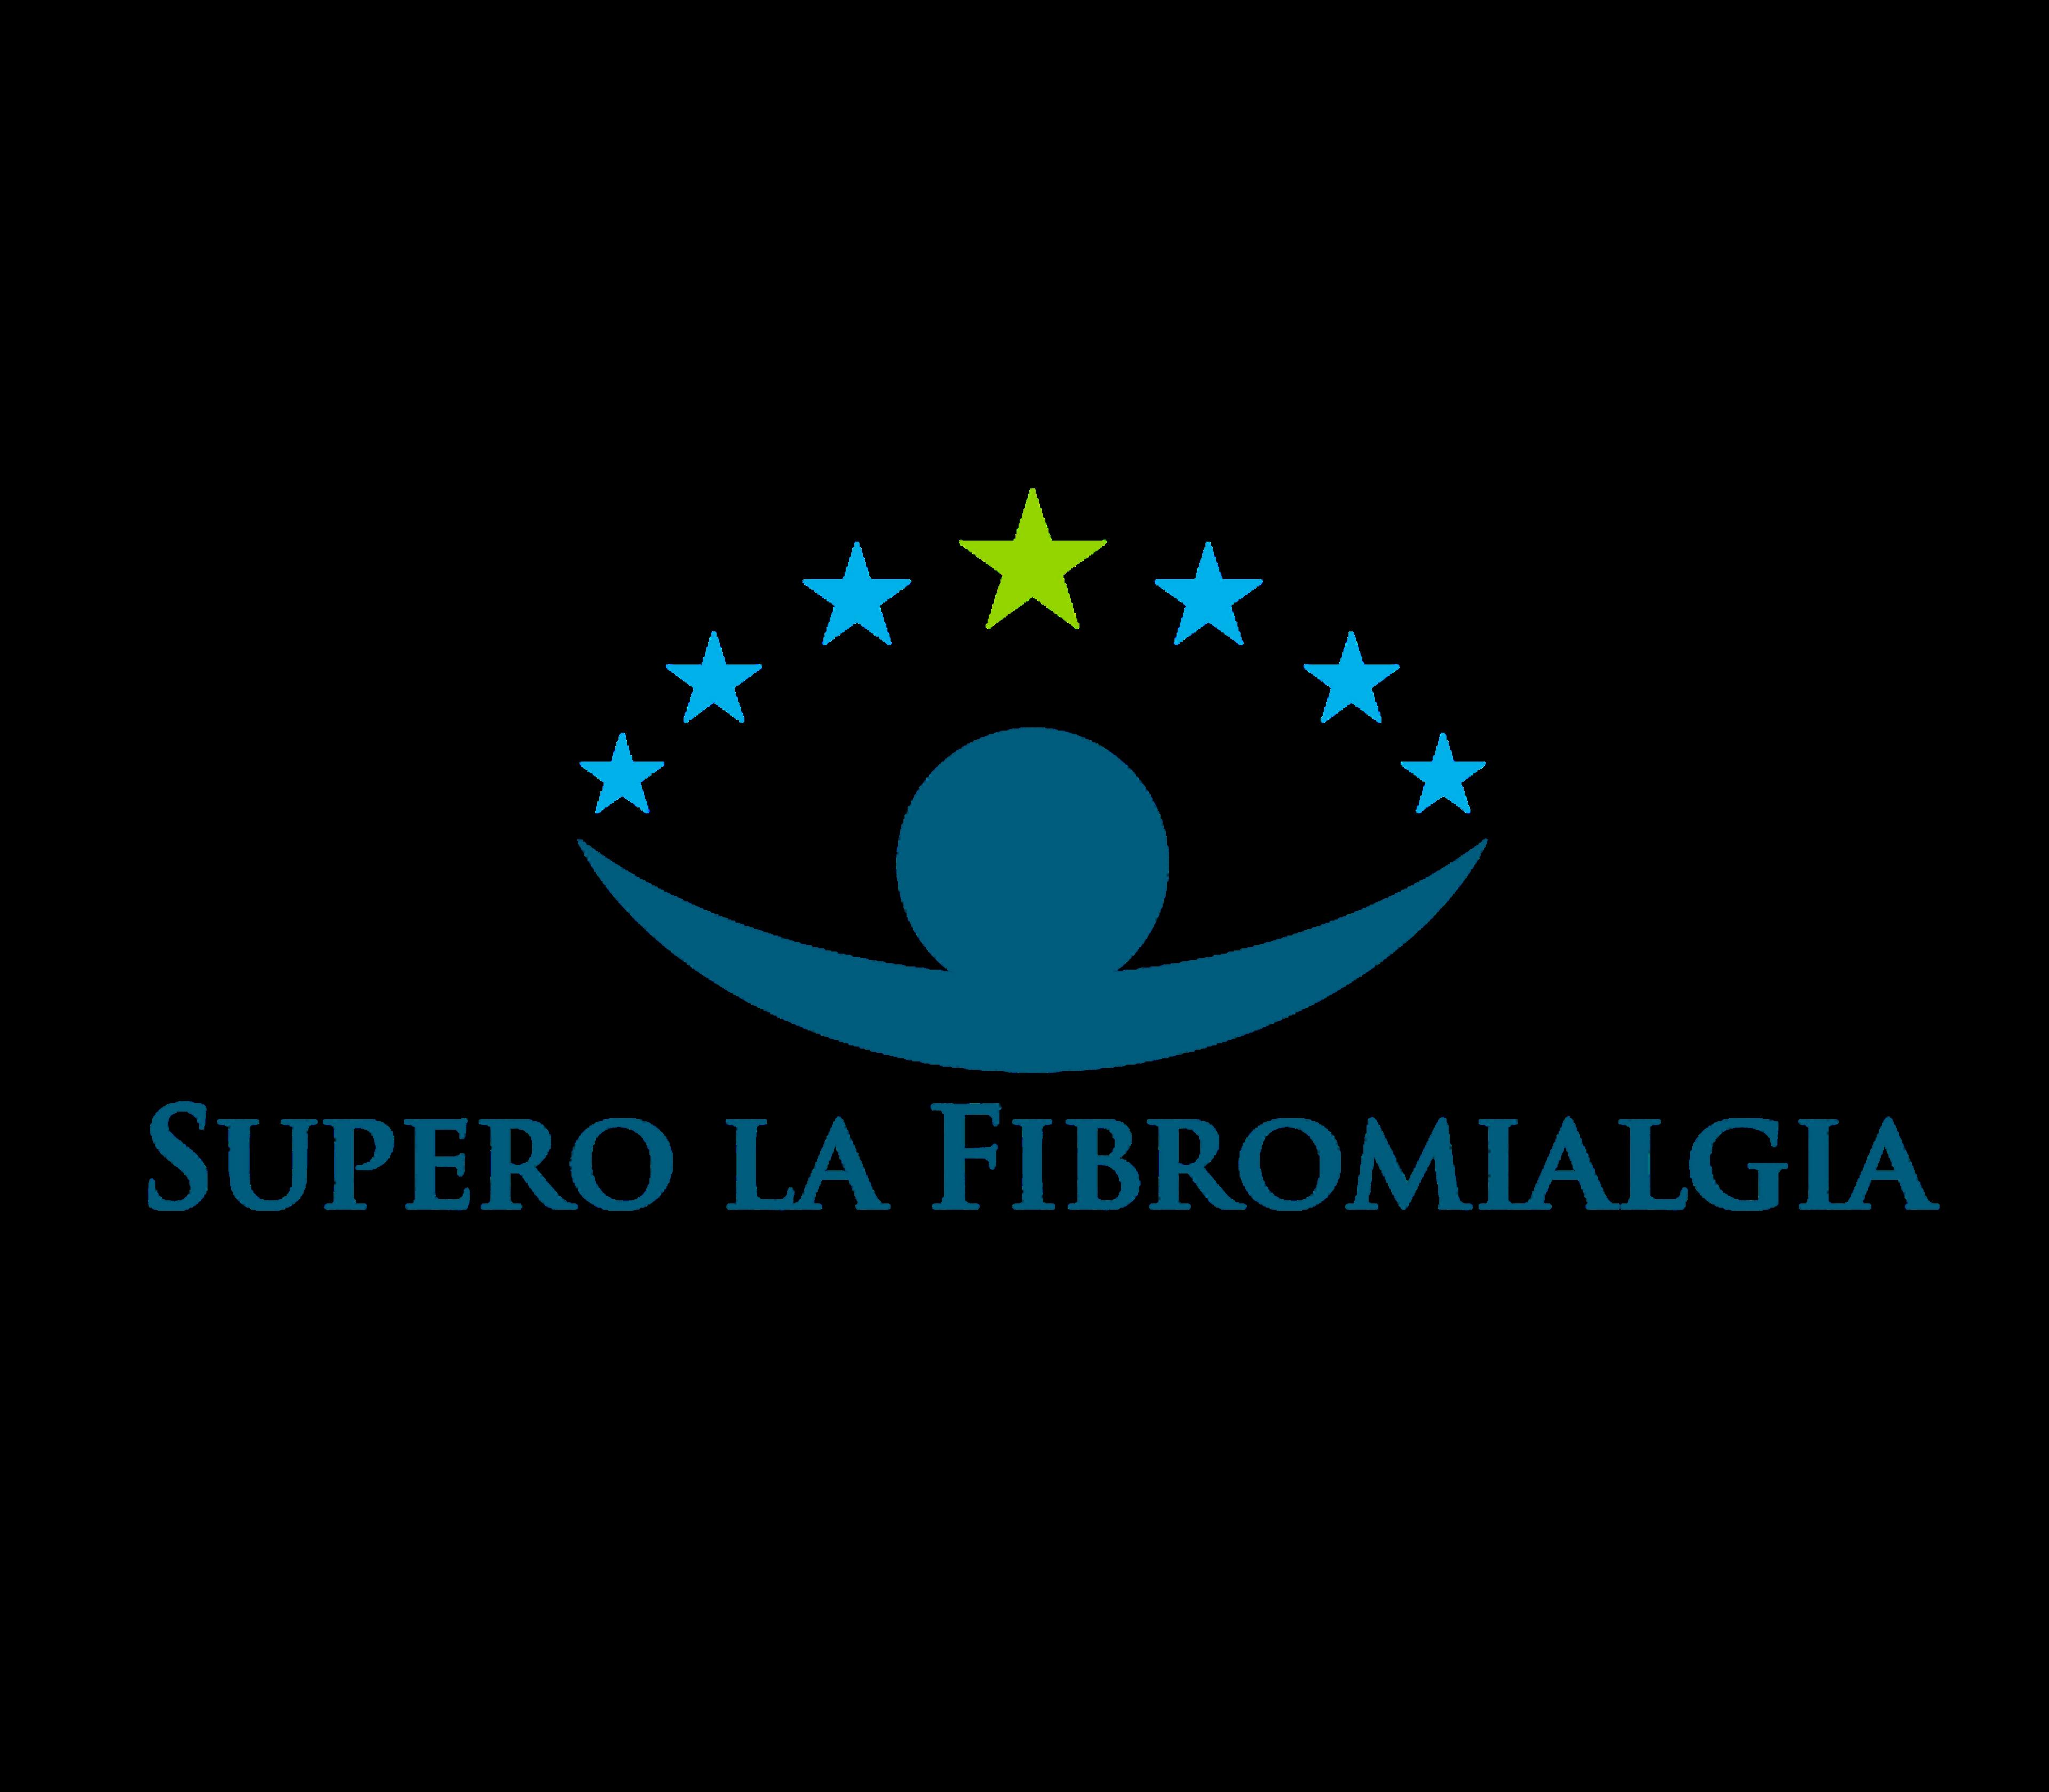 Supero la Fibromialgia